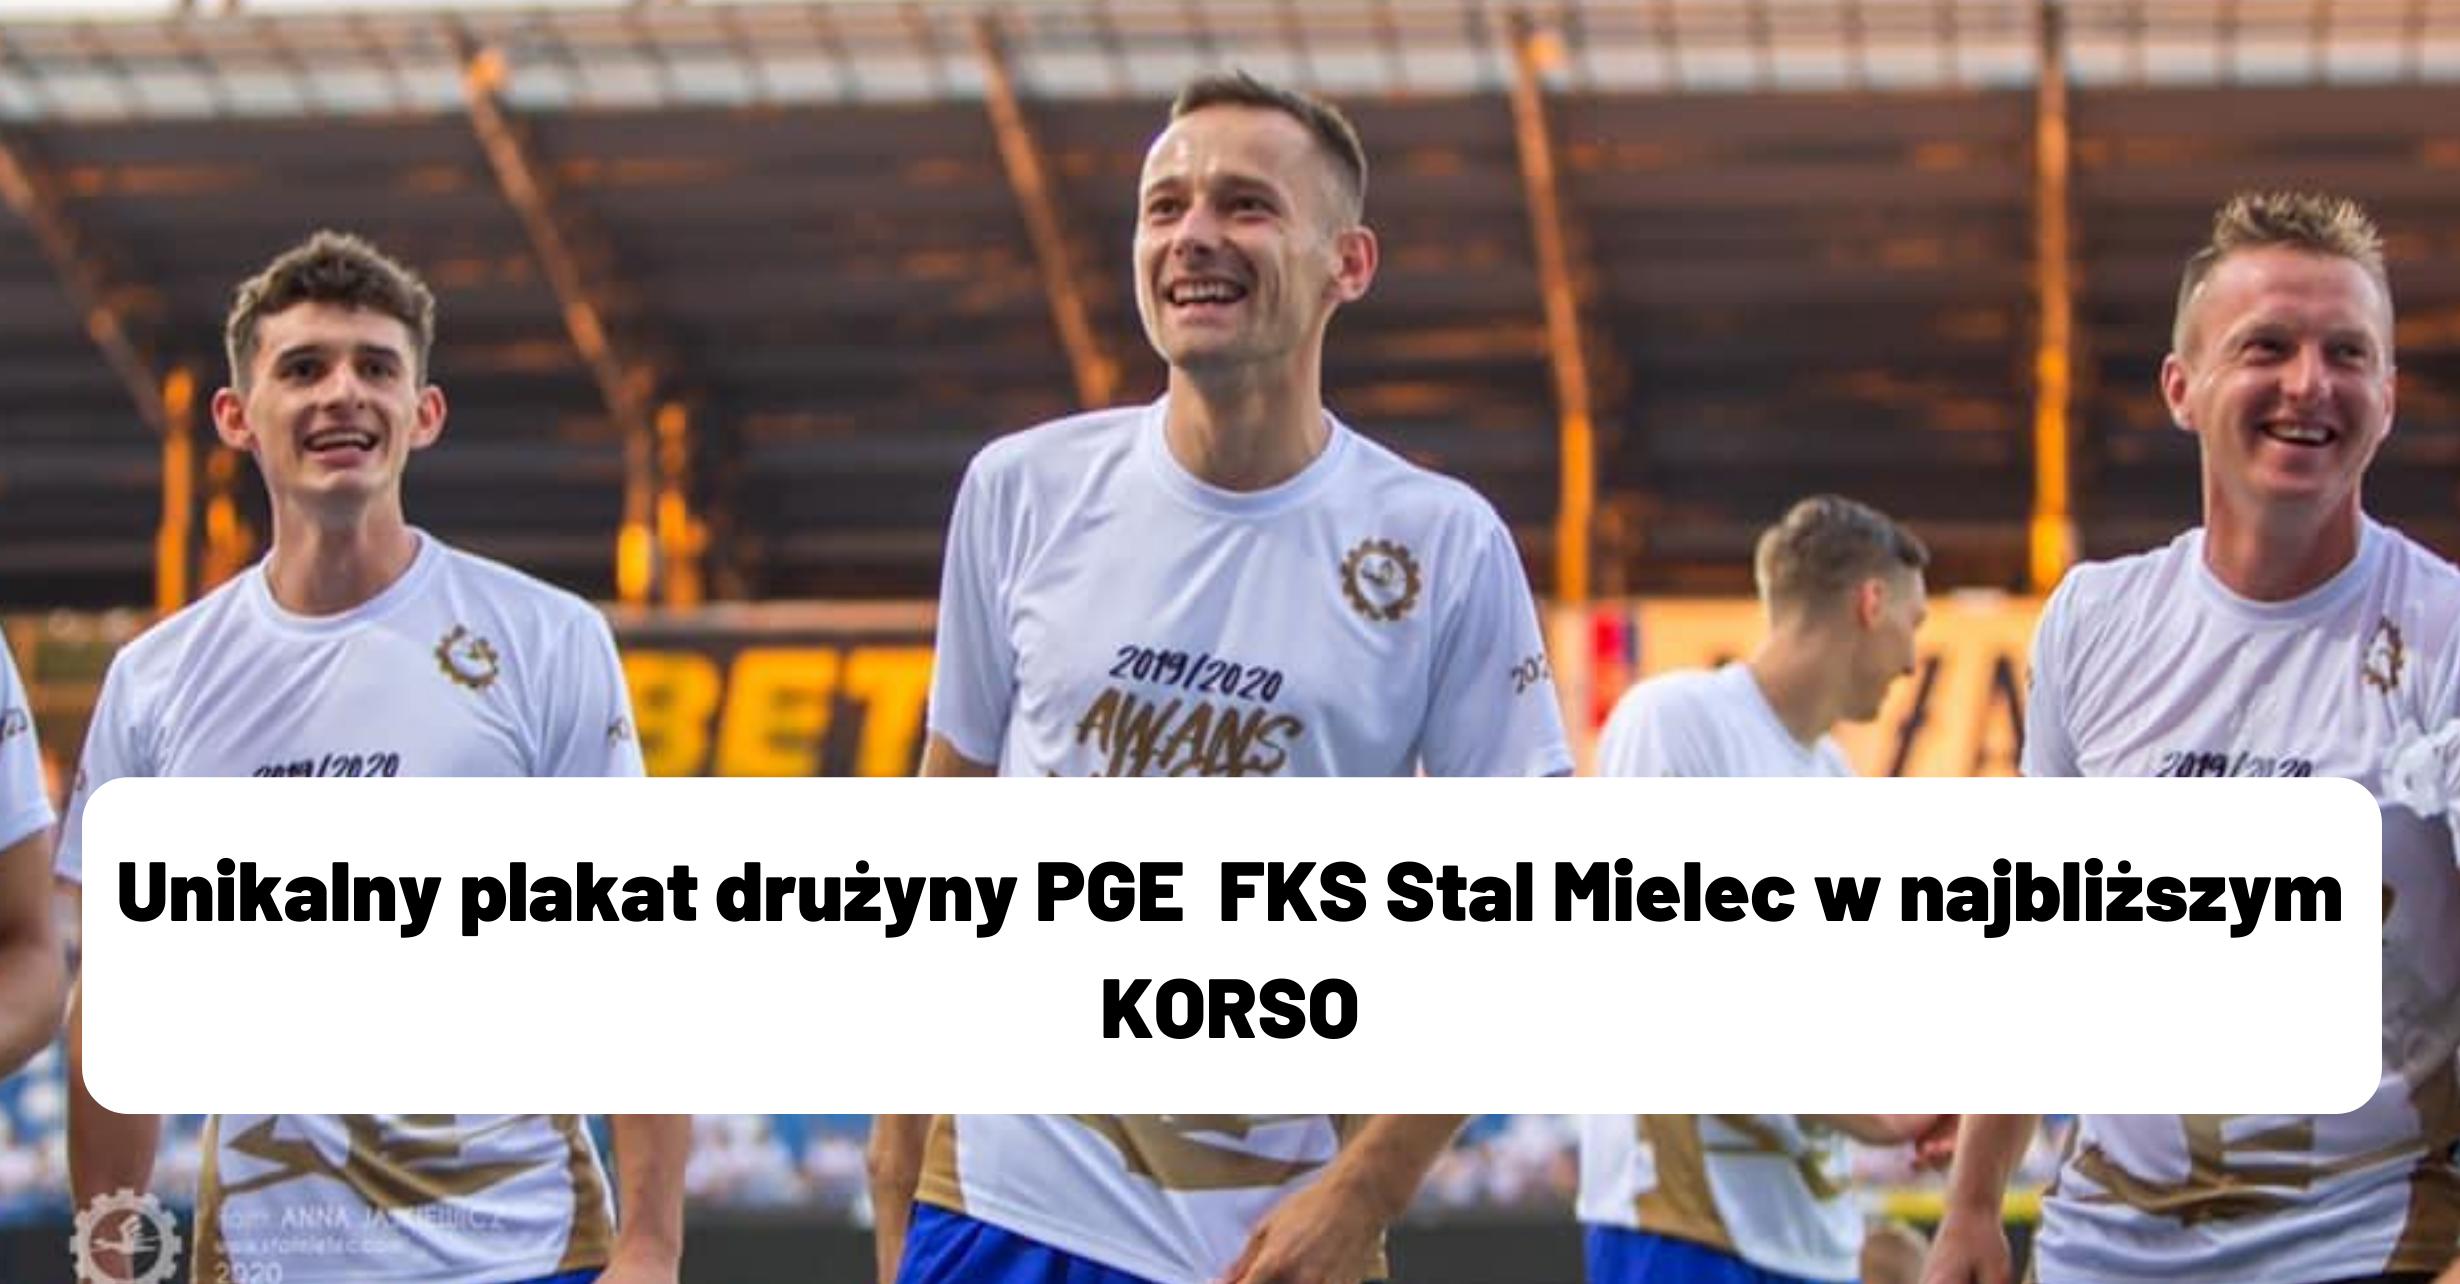 W najbliższym papierowym wydaniu Korso - plakat drużyny PGE FKS Stal Mielec!   - Zdjęcie główne